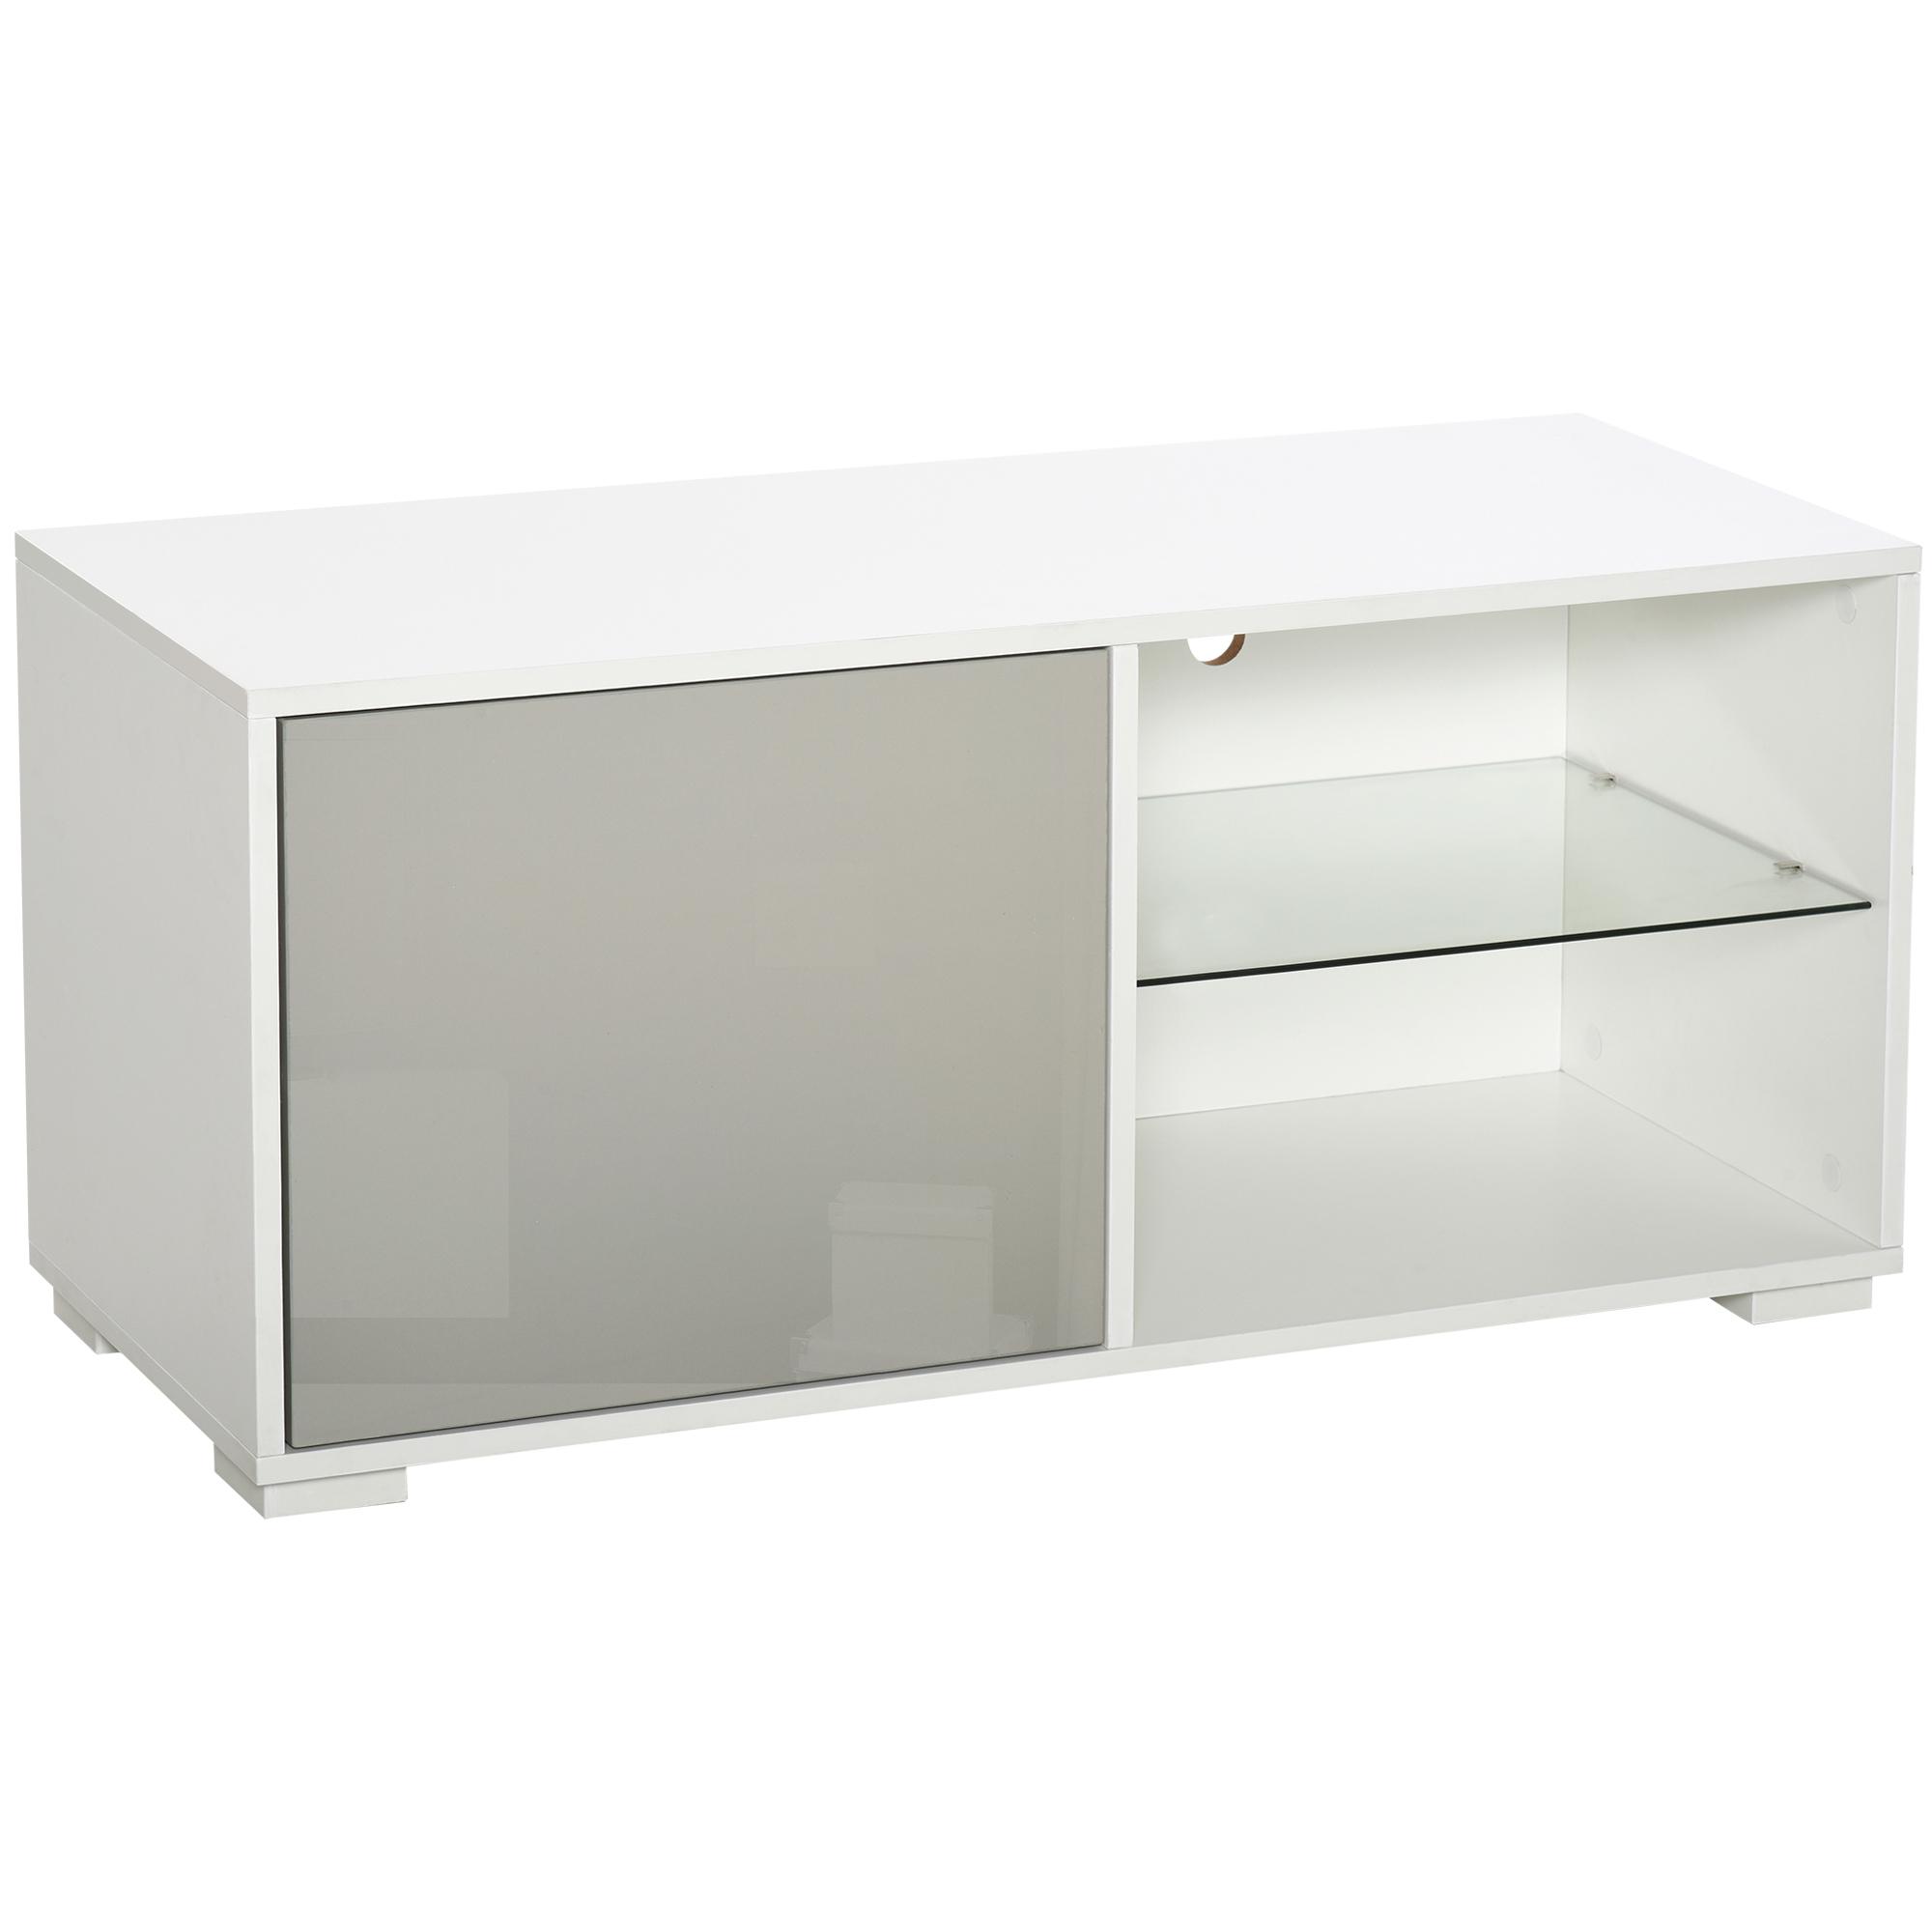 Meuble TV design 2 niches étagère verre + placard porte blanc gris